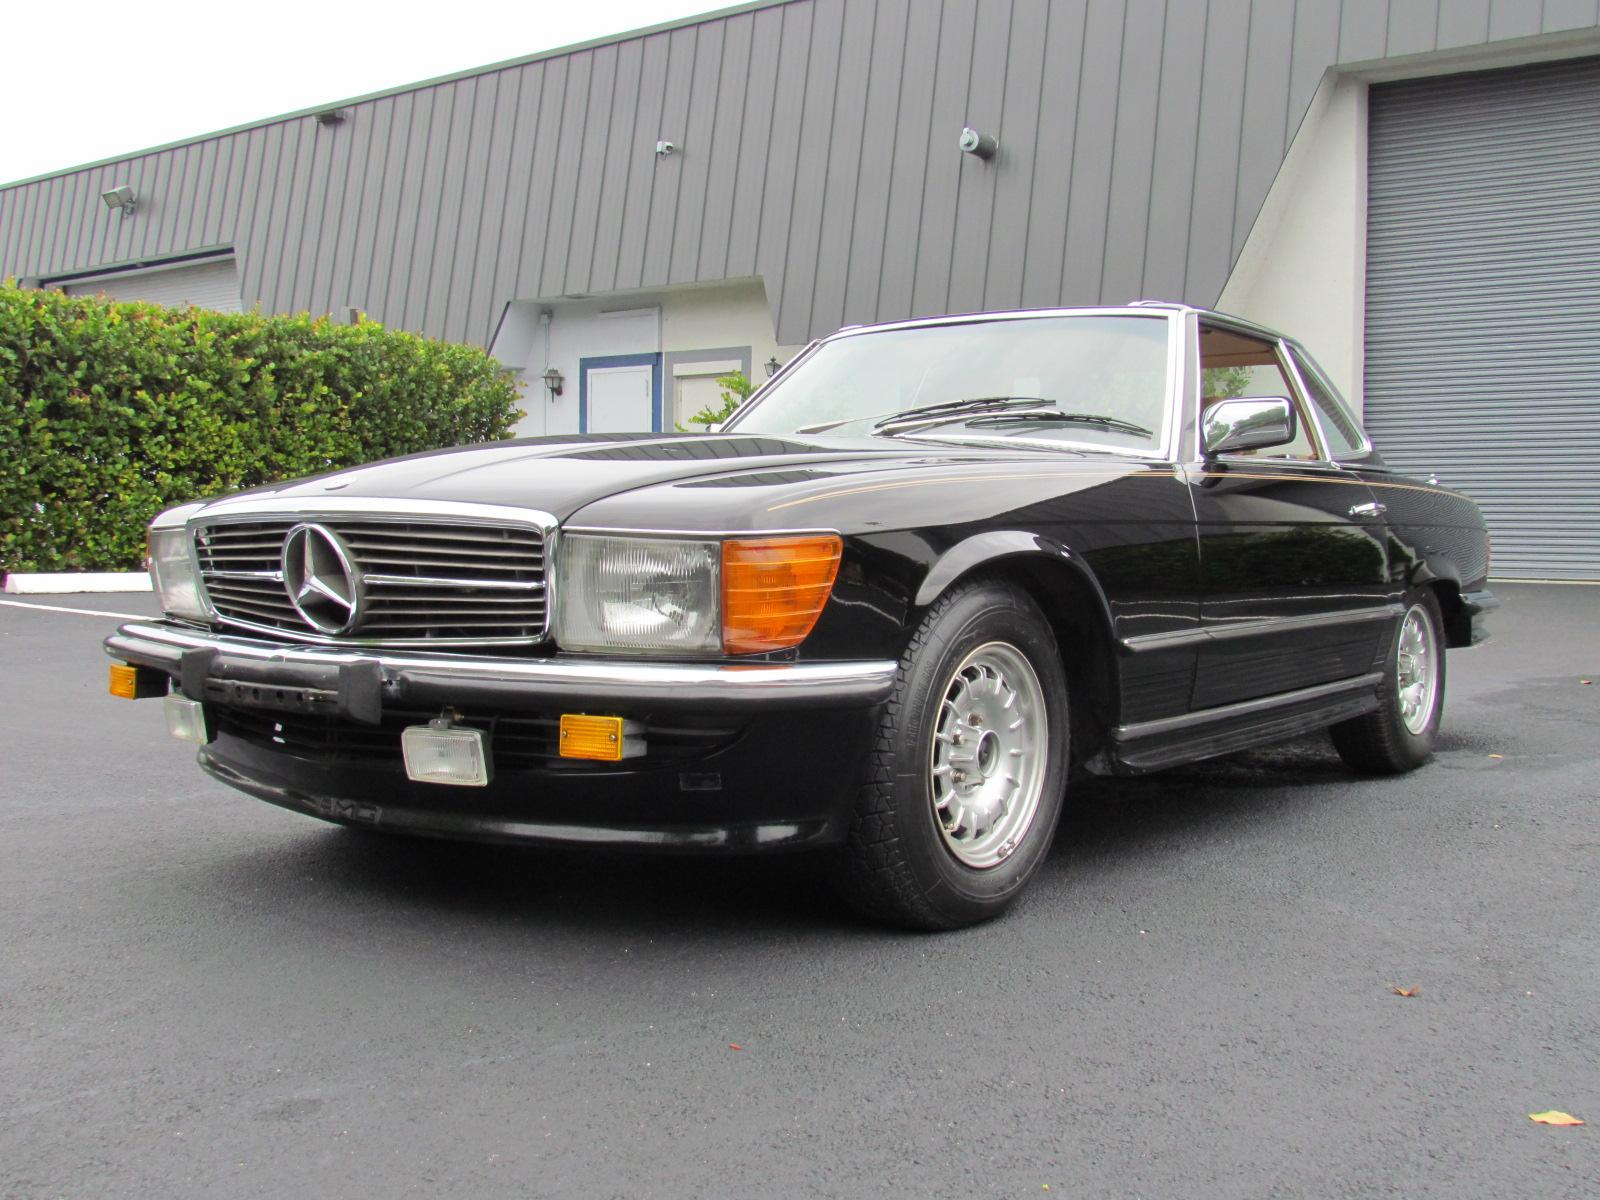 1984 Mercedes Benz 500 SL